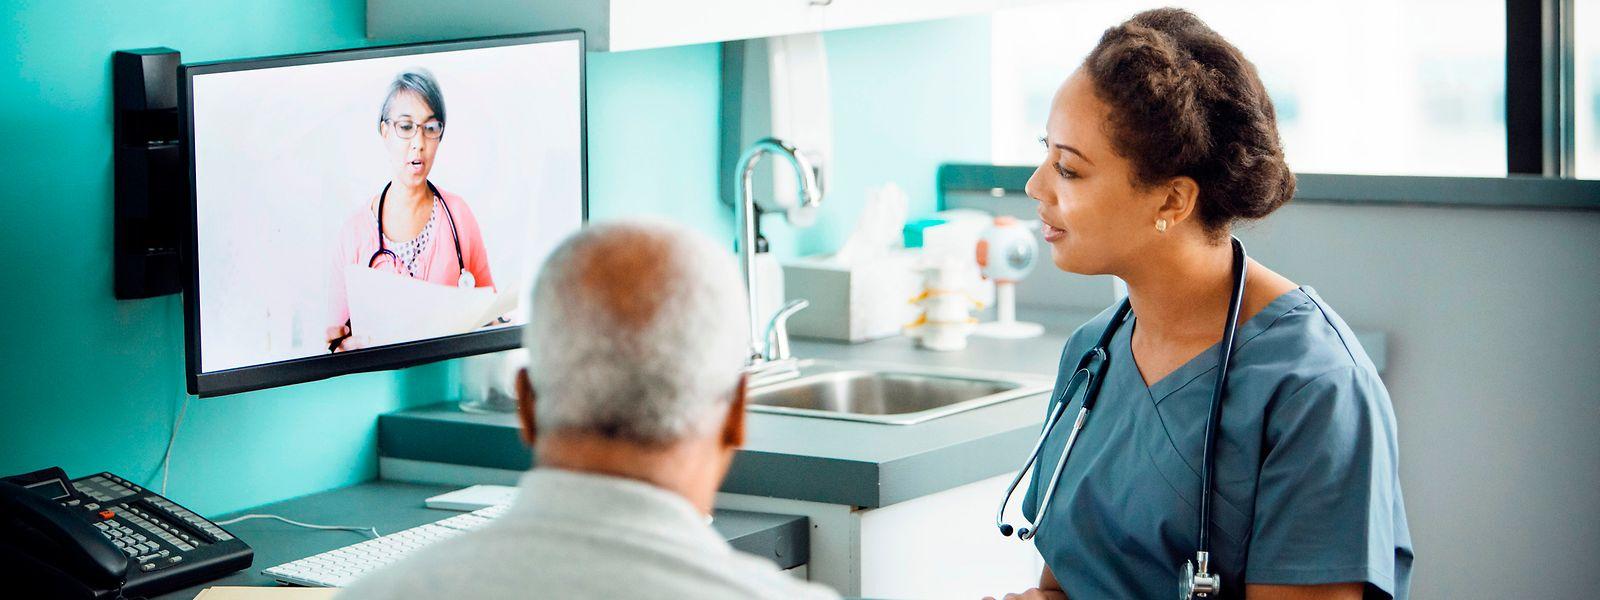 Déjà 670 médecins, généralistes ou spécialistes, ont adopté la pratique de la téléconsultation depuis le printemps 2020.